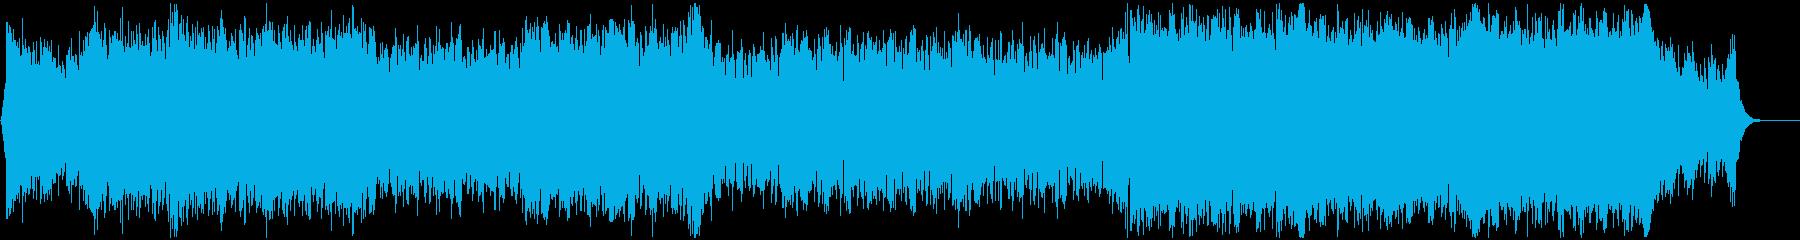 【EDM】爽やかなドラムンベース Vo無の再生済みの波形